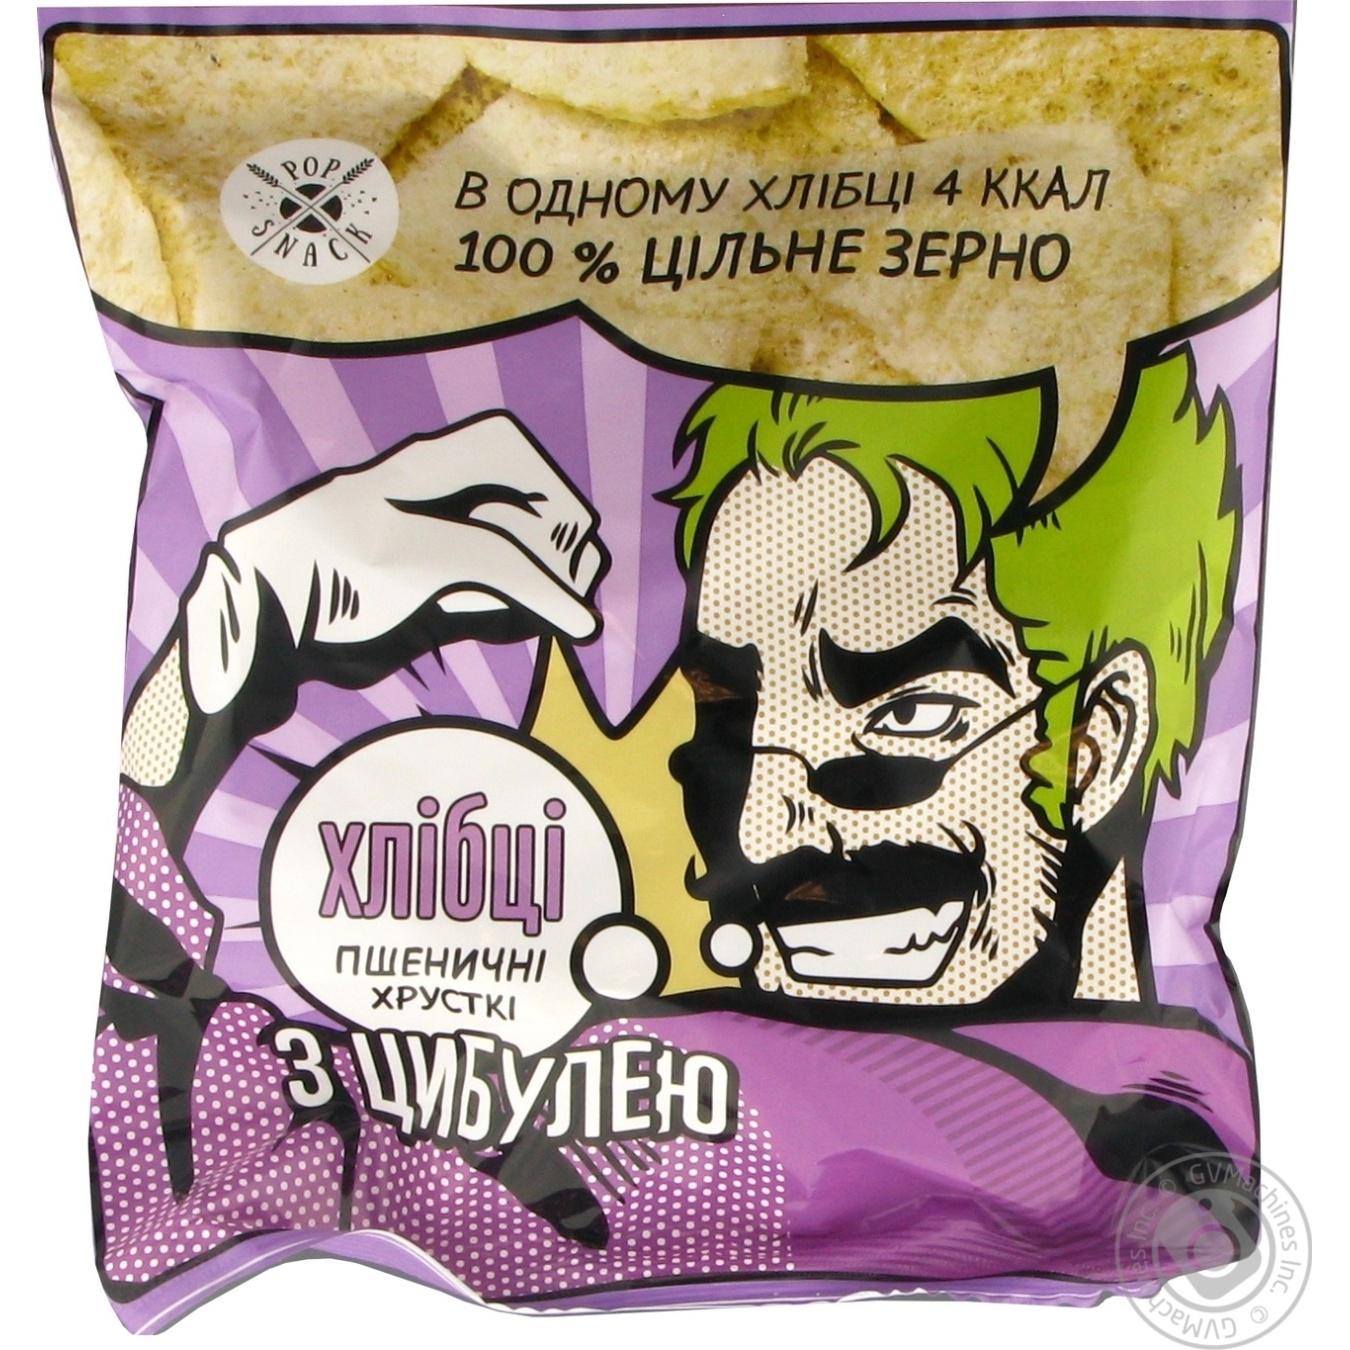 Купить Хлібці Pop Snack Пшеничні з цибулею 30г